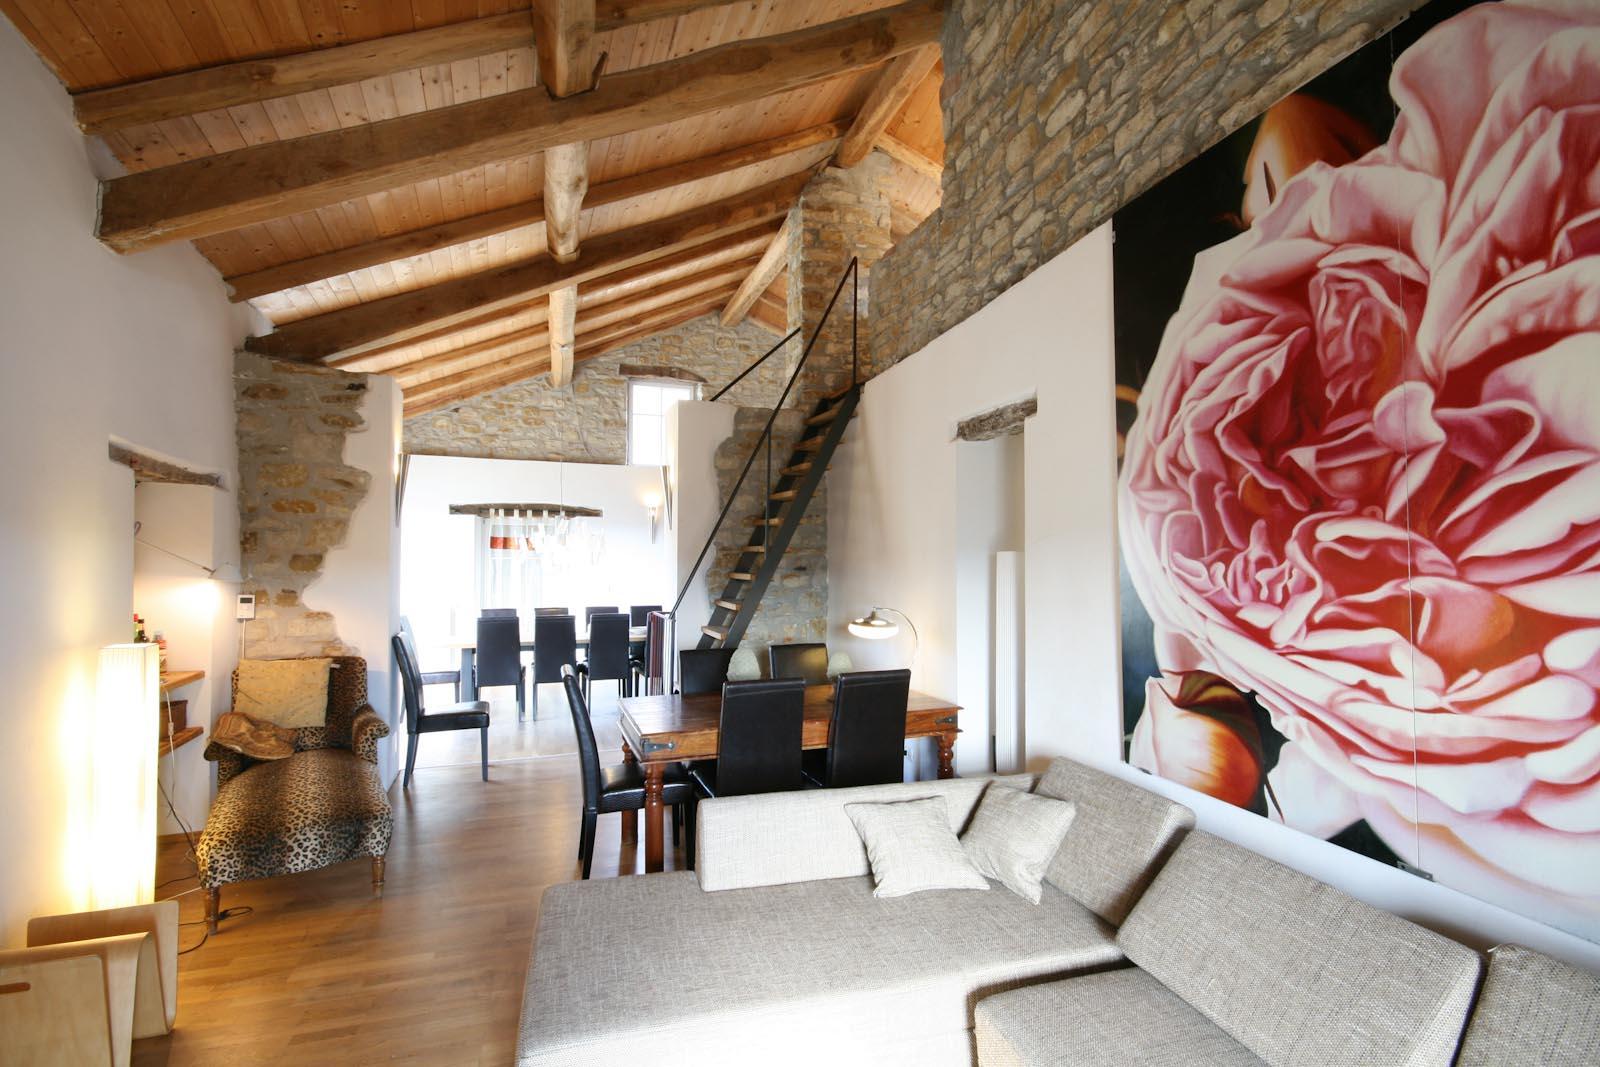 stadthaus kaufen verkaufen in italien piemont asti restauriertes dorfhaus zu verkaufen mit. Black Bedroom Furniture Sets. Home Design Ideas